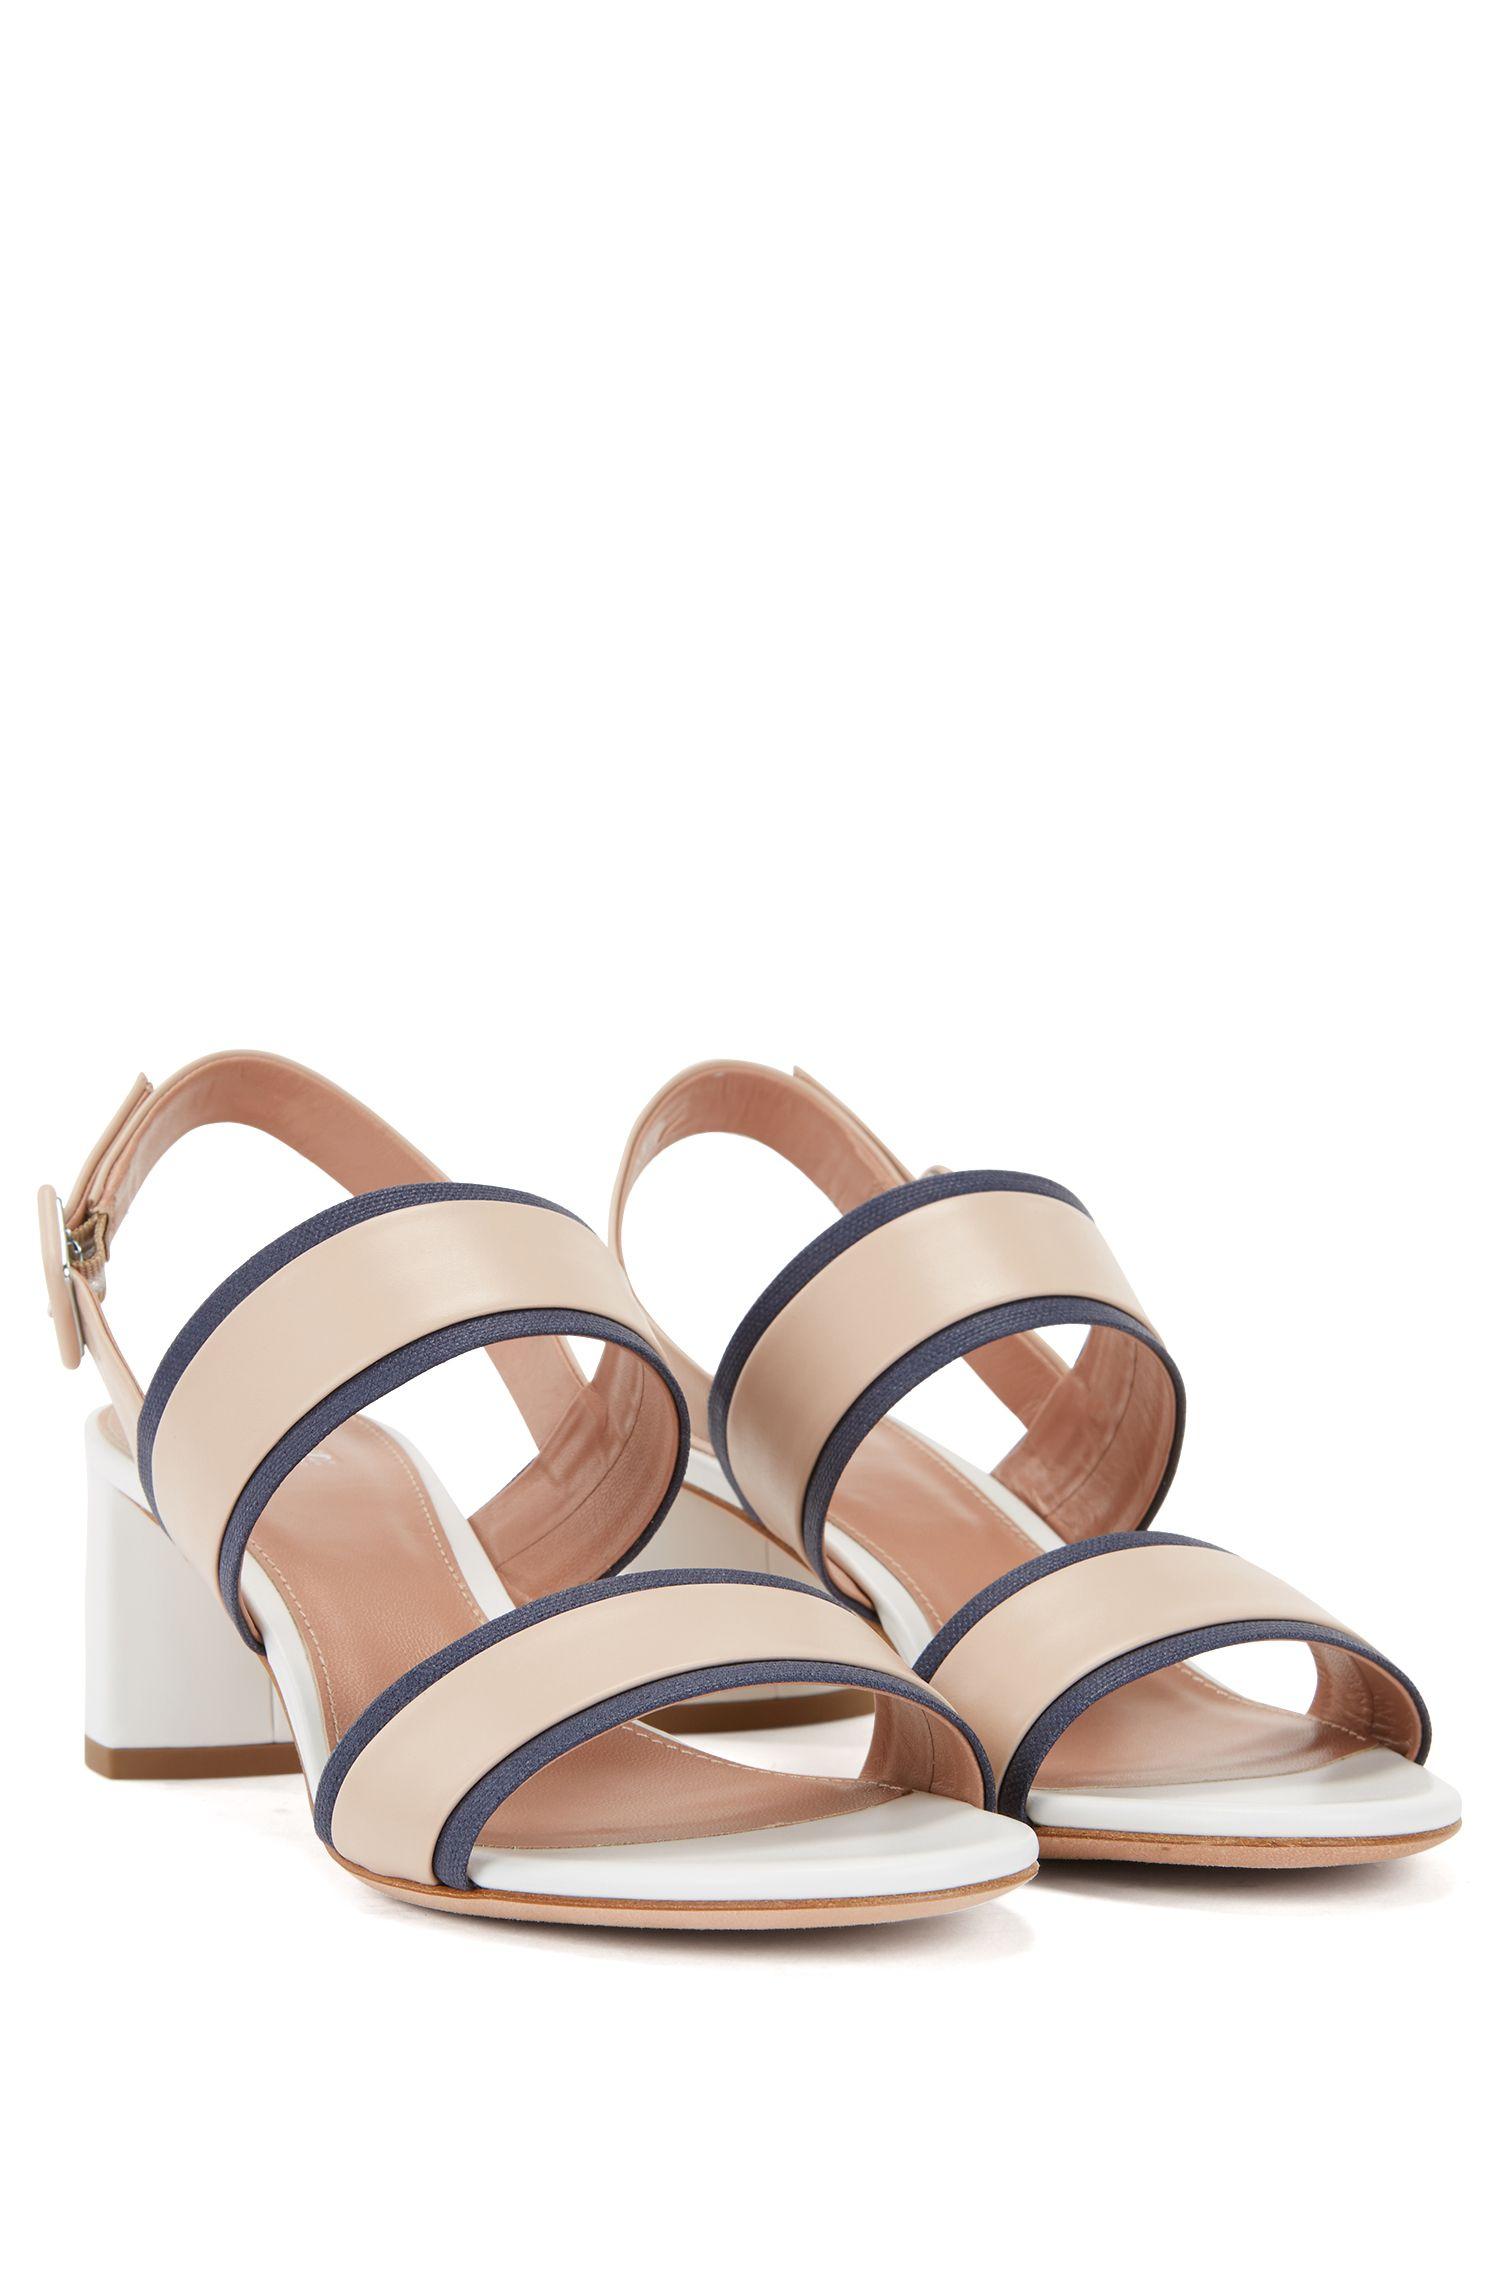 Sandalen aus italienischem Leder mit Canvas-Besatz